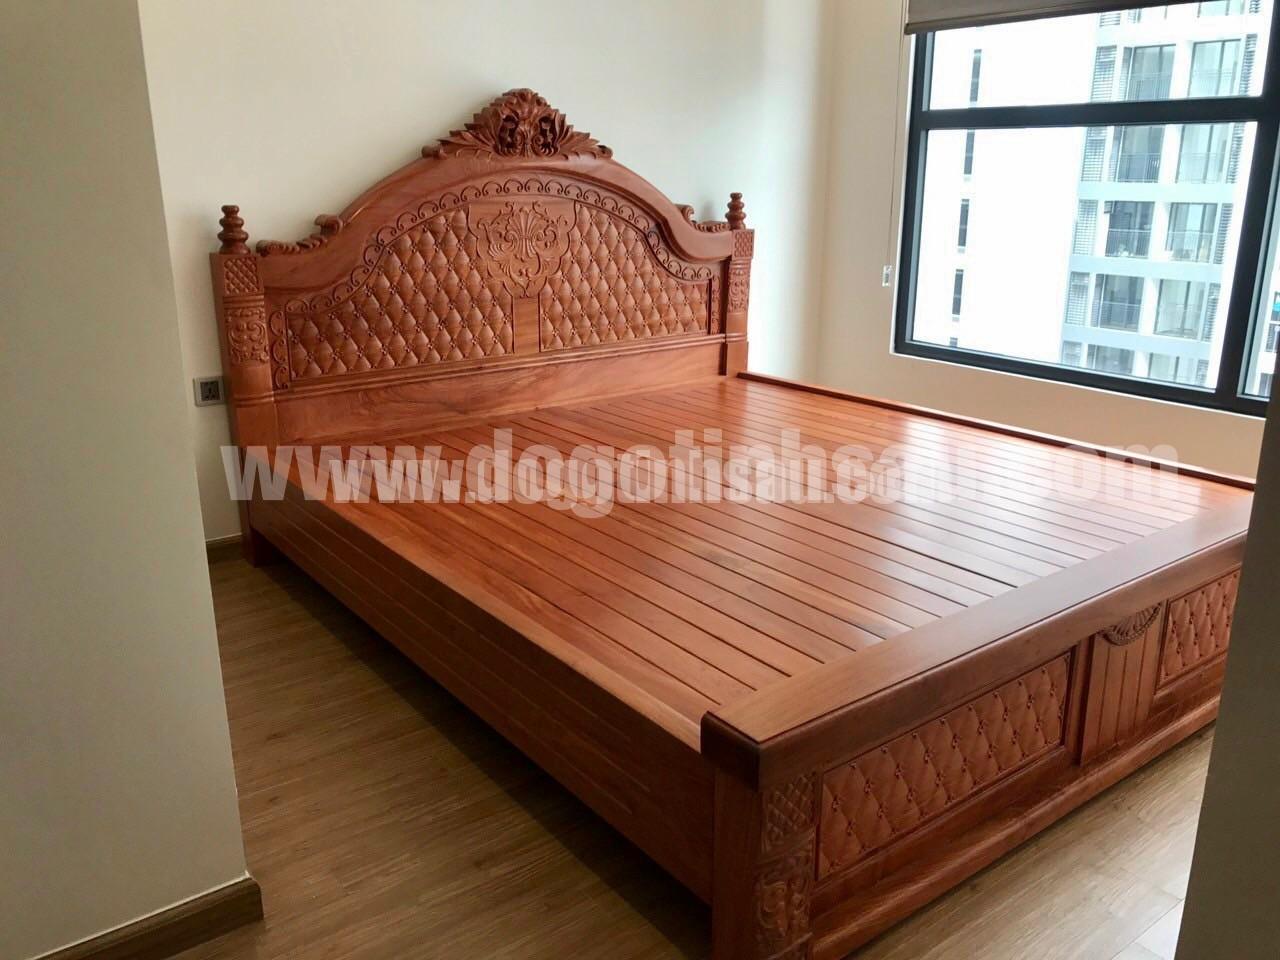 giuong go gu dep - Kinh nghiệm chọn mua giường gỗ gụ đẹp chuẩn đến từng cm